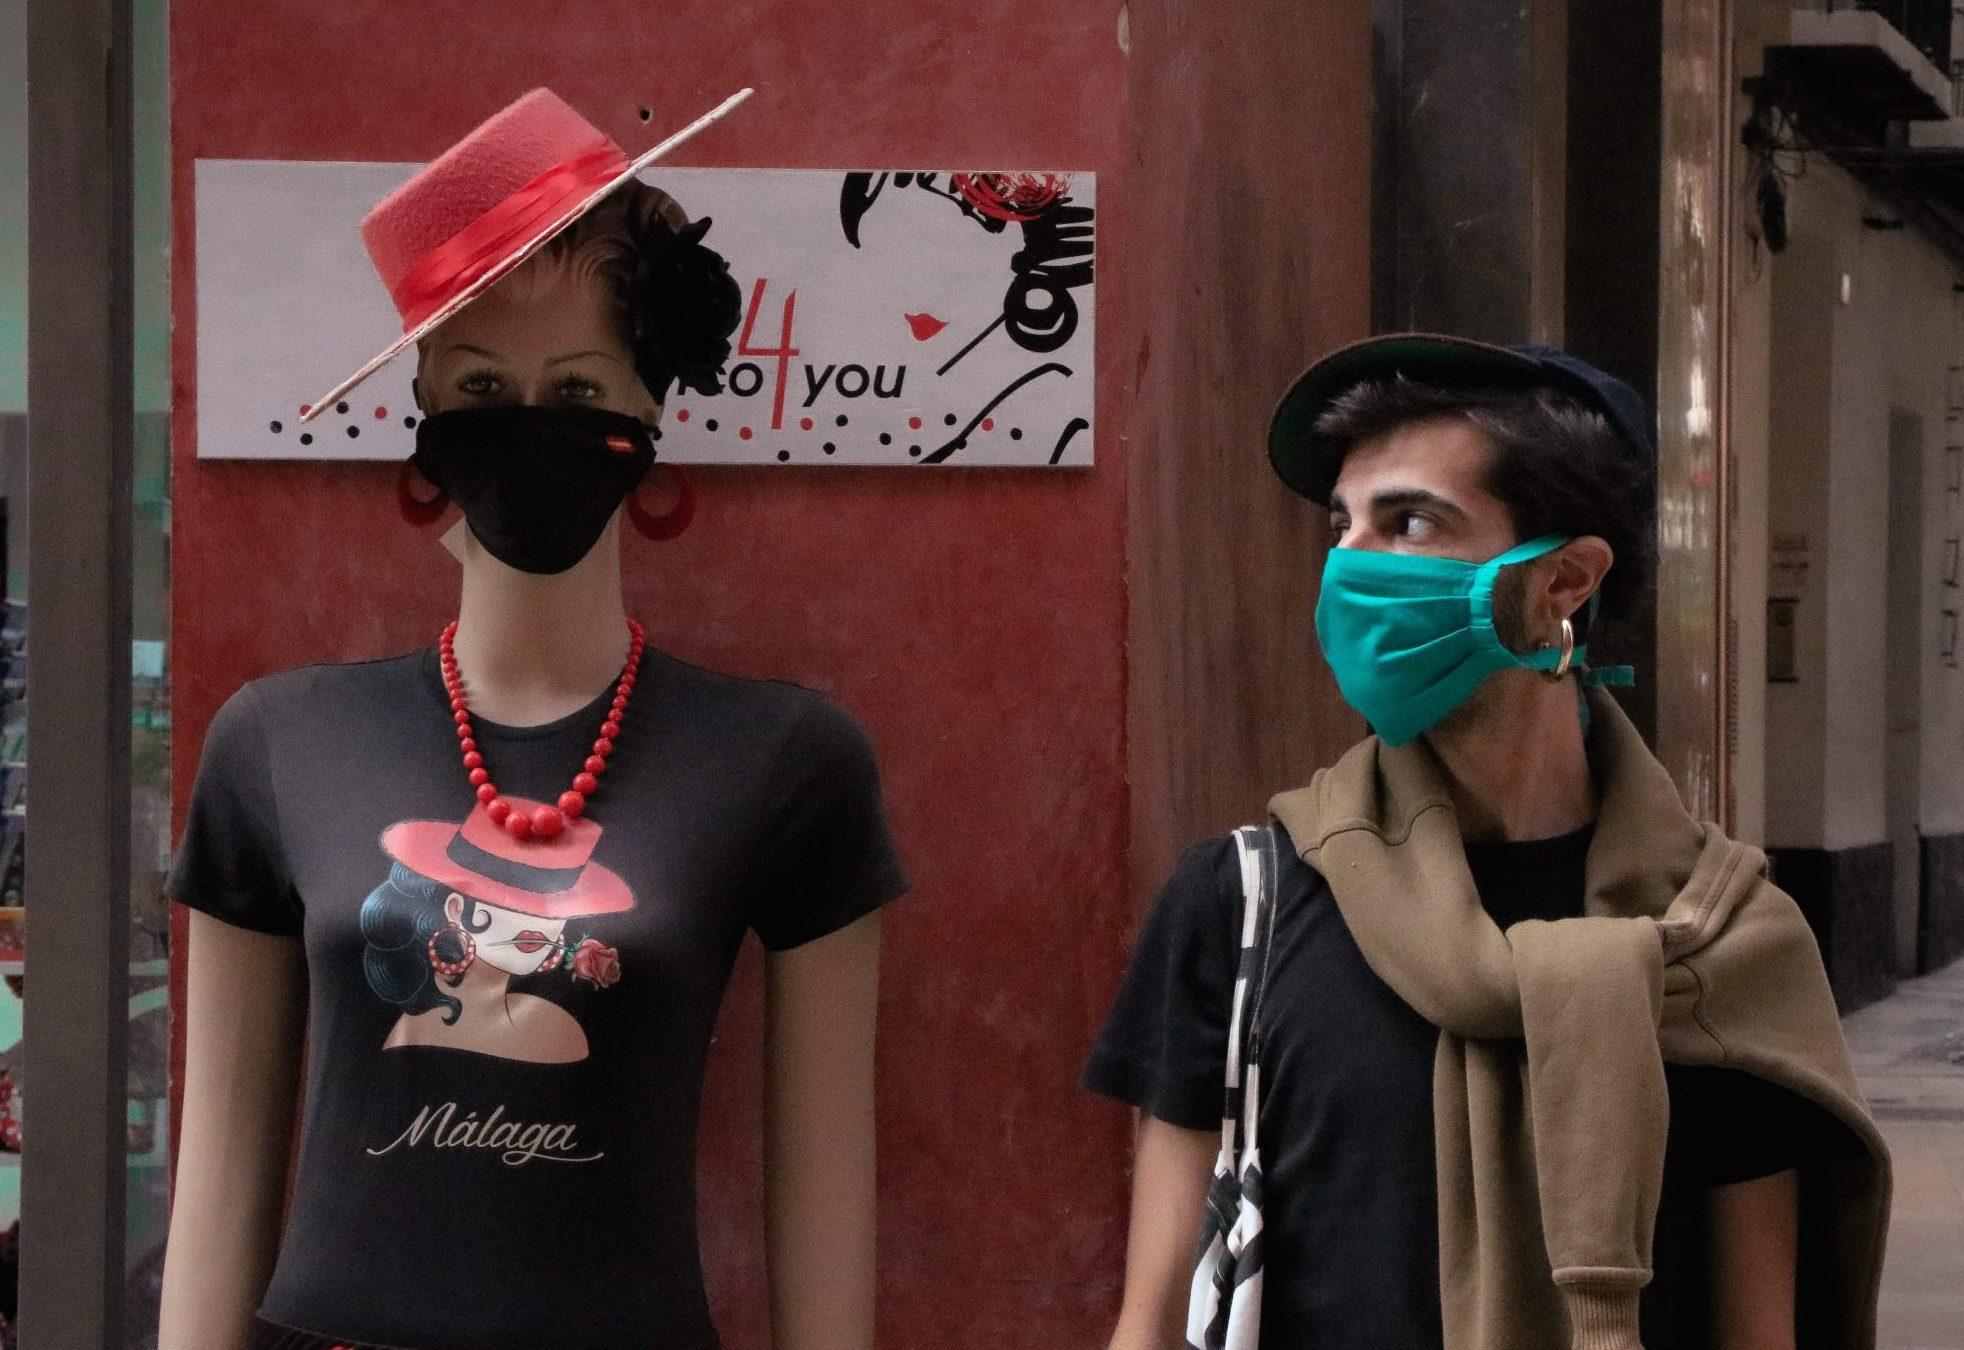 Masca redevine obligatorie pe stradă în București? DA, spune un ordin ministerial dat astăzi